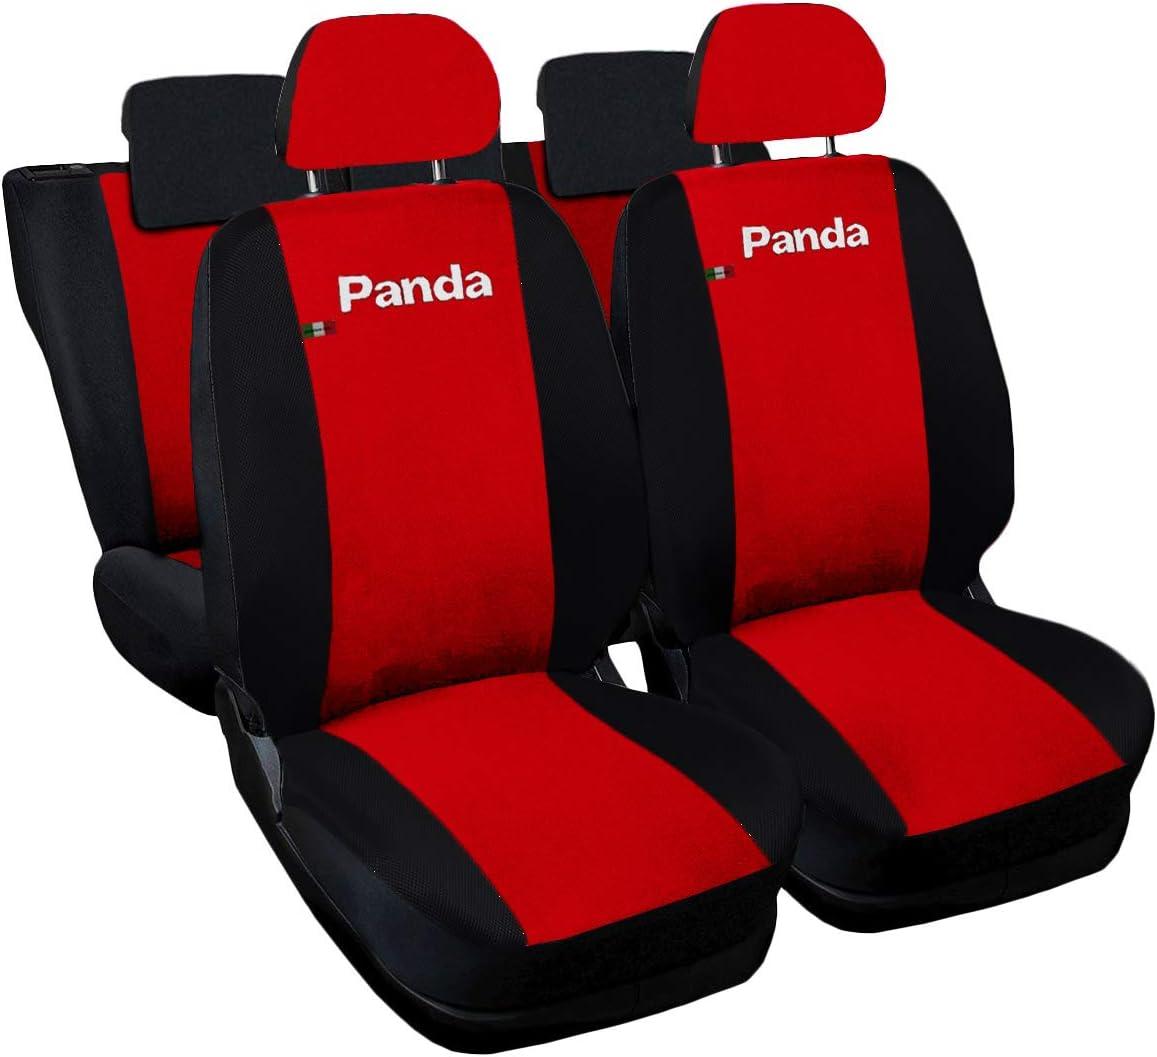 Lupex Shop Panda.014b.Rs Coprisedili compatibili, Rosso/Nero, Set